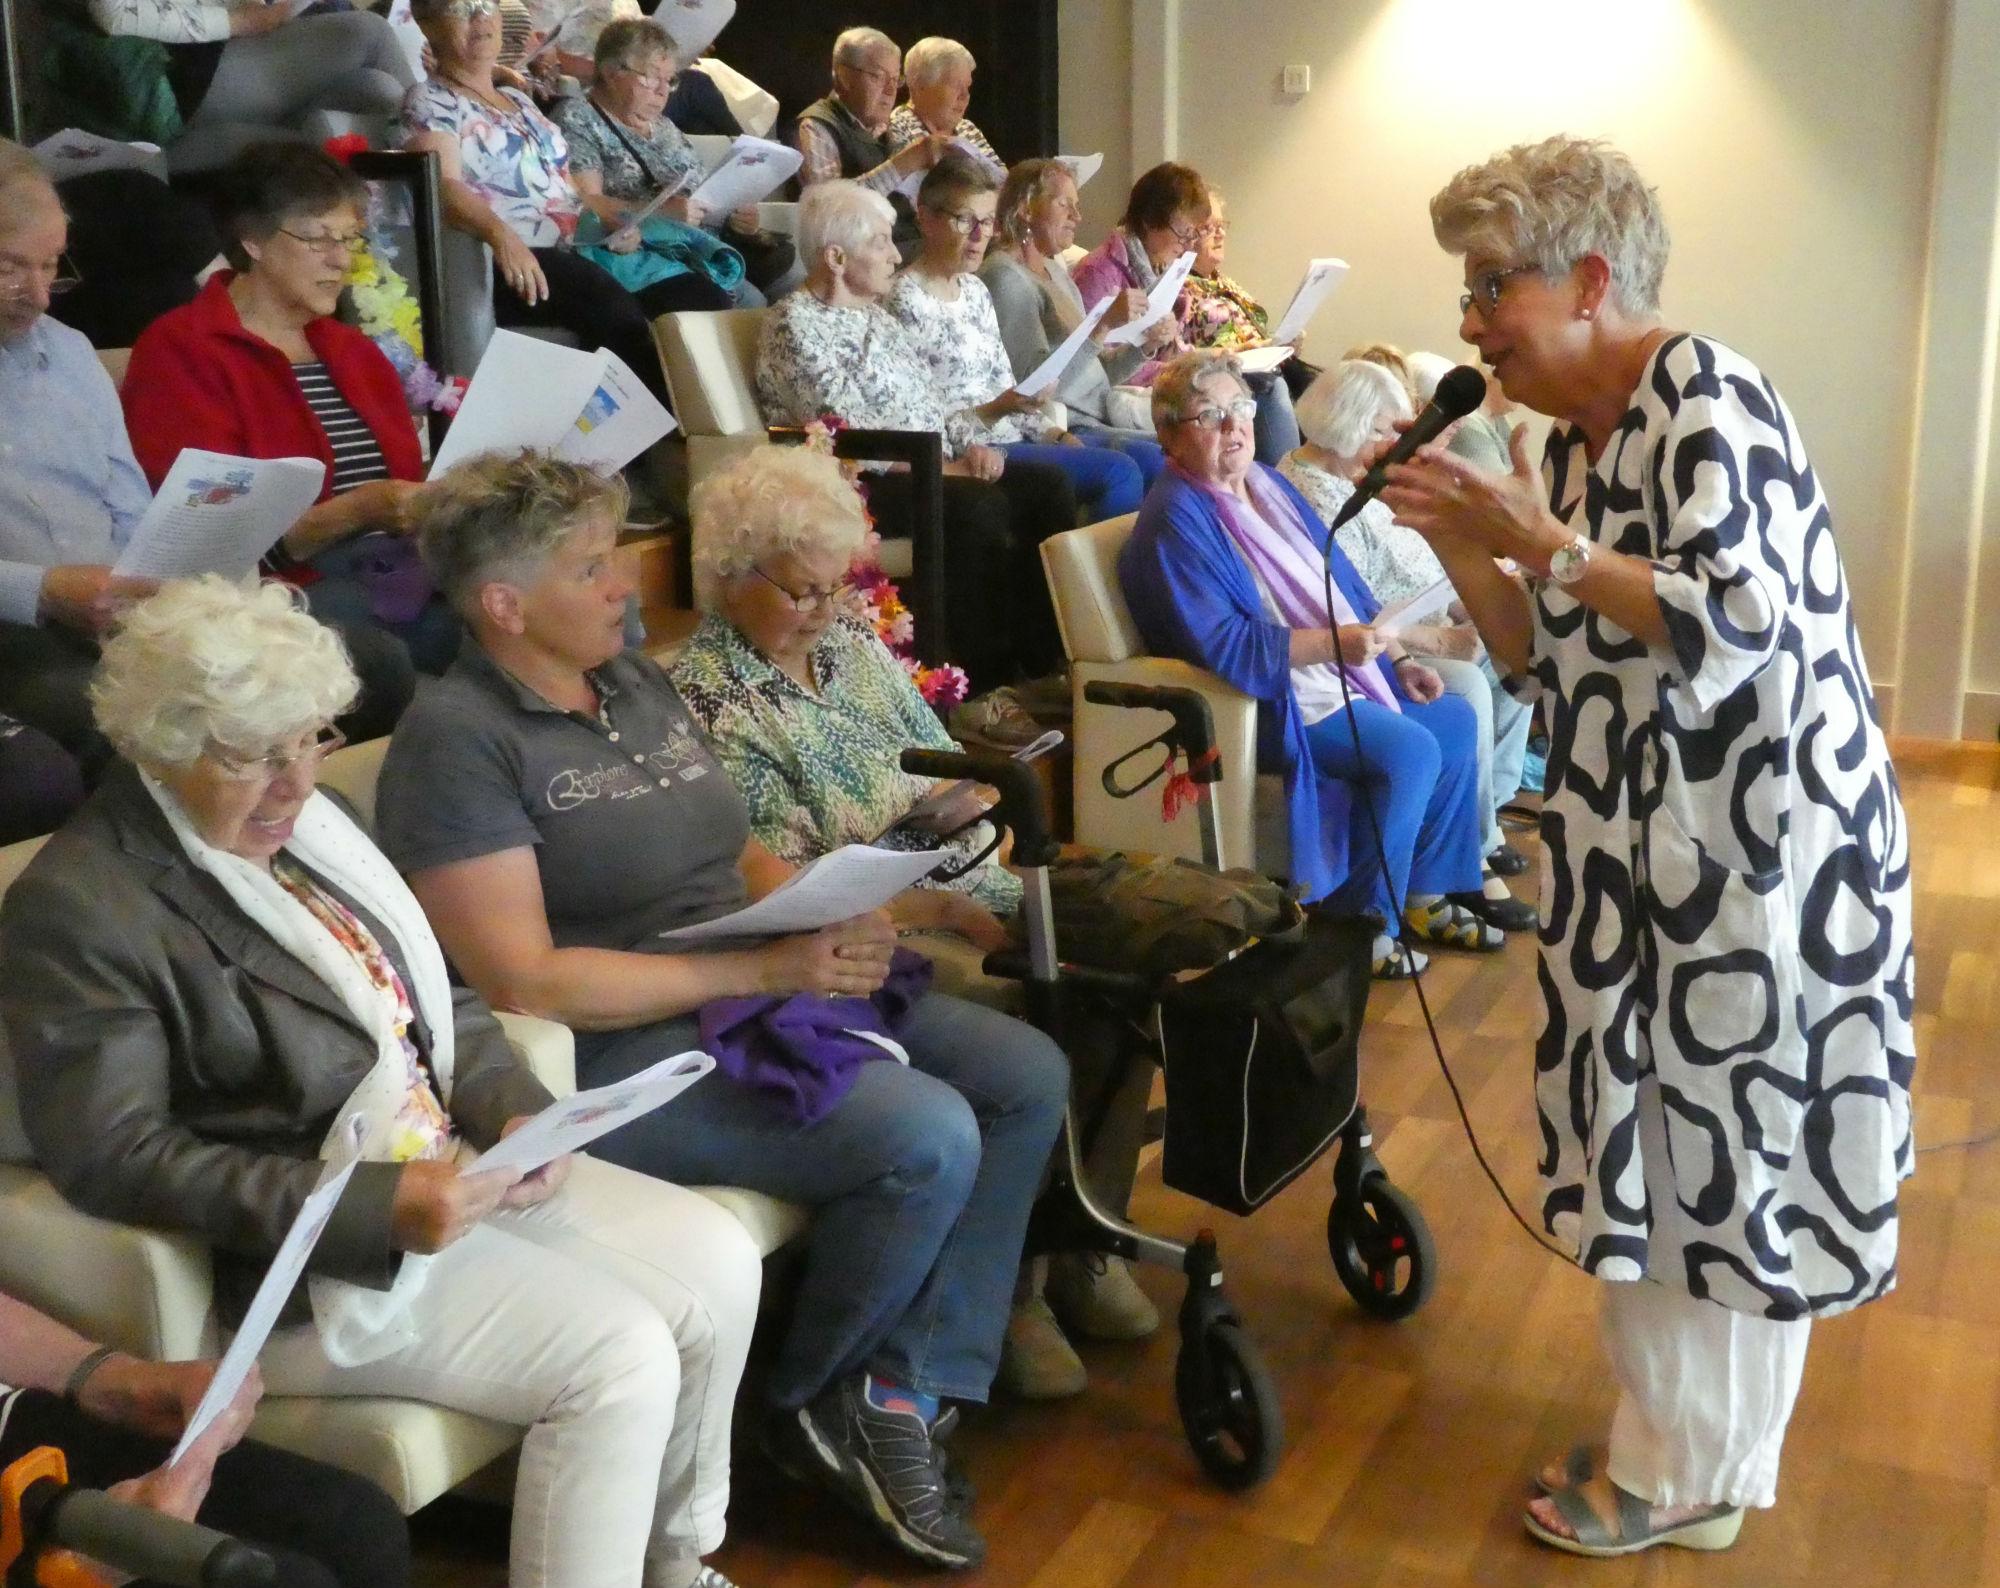 Het publiek zingt graag mee met zangeres Evelien van Leeuwen in School 7. (Foto: aangeleverd)